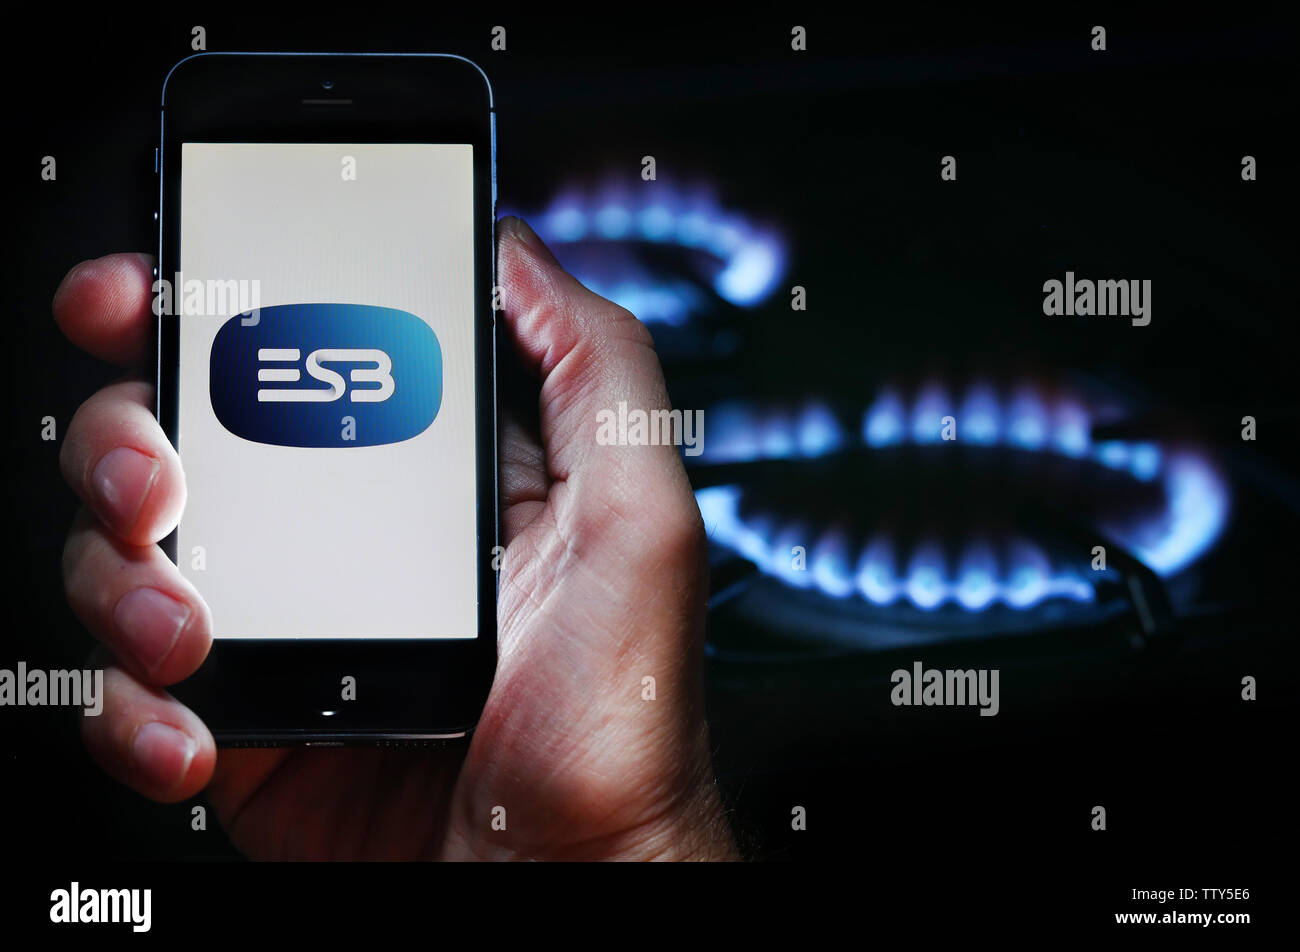 Un hombre mirando el logotipo del sitio web de la empresa energética ESB en su teléfono en frente de su cocina de gas (uso editorial solamente) Imagen De Stock